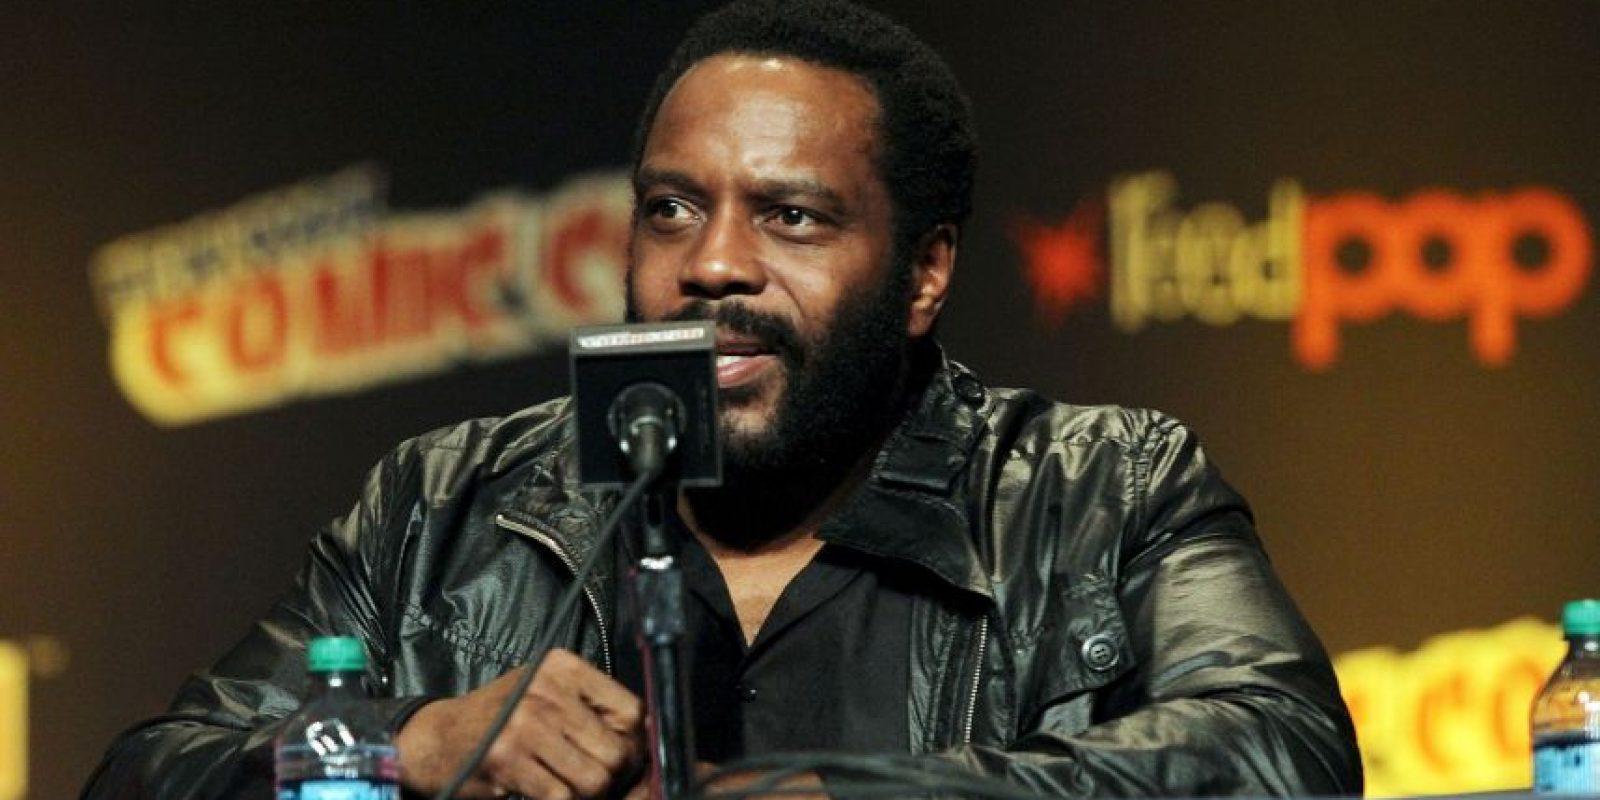 """En """"The Walking Dead"""", el papel de Coleman es uno de los sobrevivientes al apocalipsis zombie y se unió al grupo liderado por """"Rick Grimes"""", interpretado por Andrew Lincoln. Foto:Getty Images"""